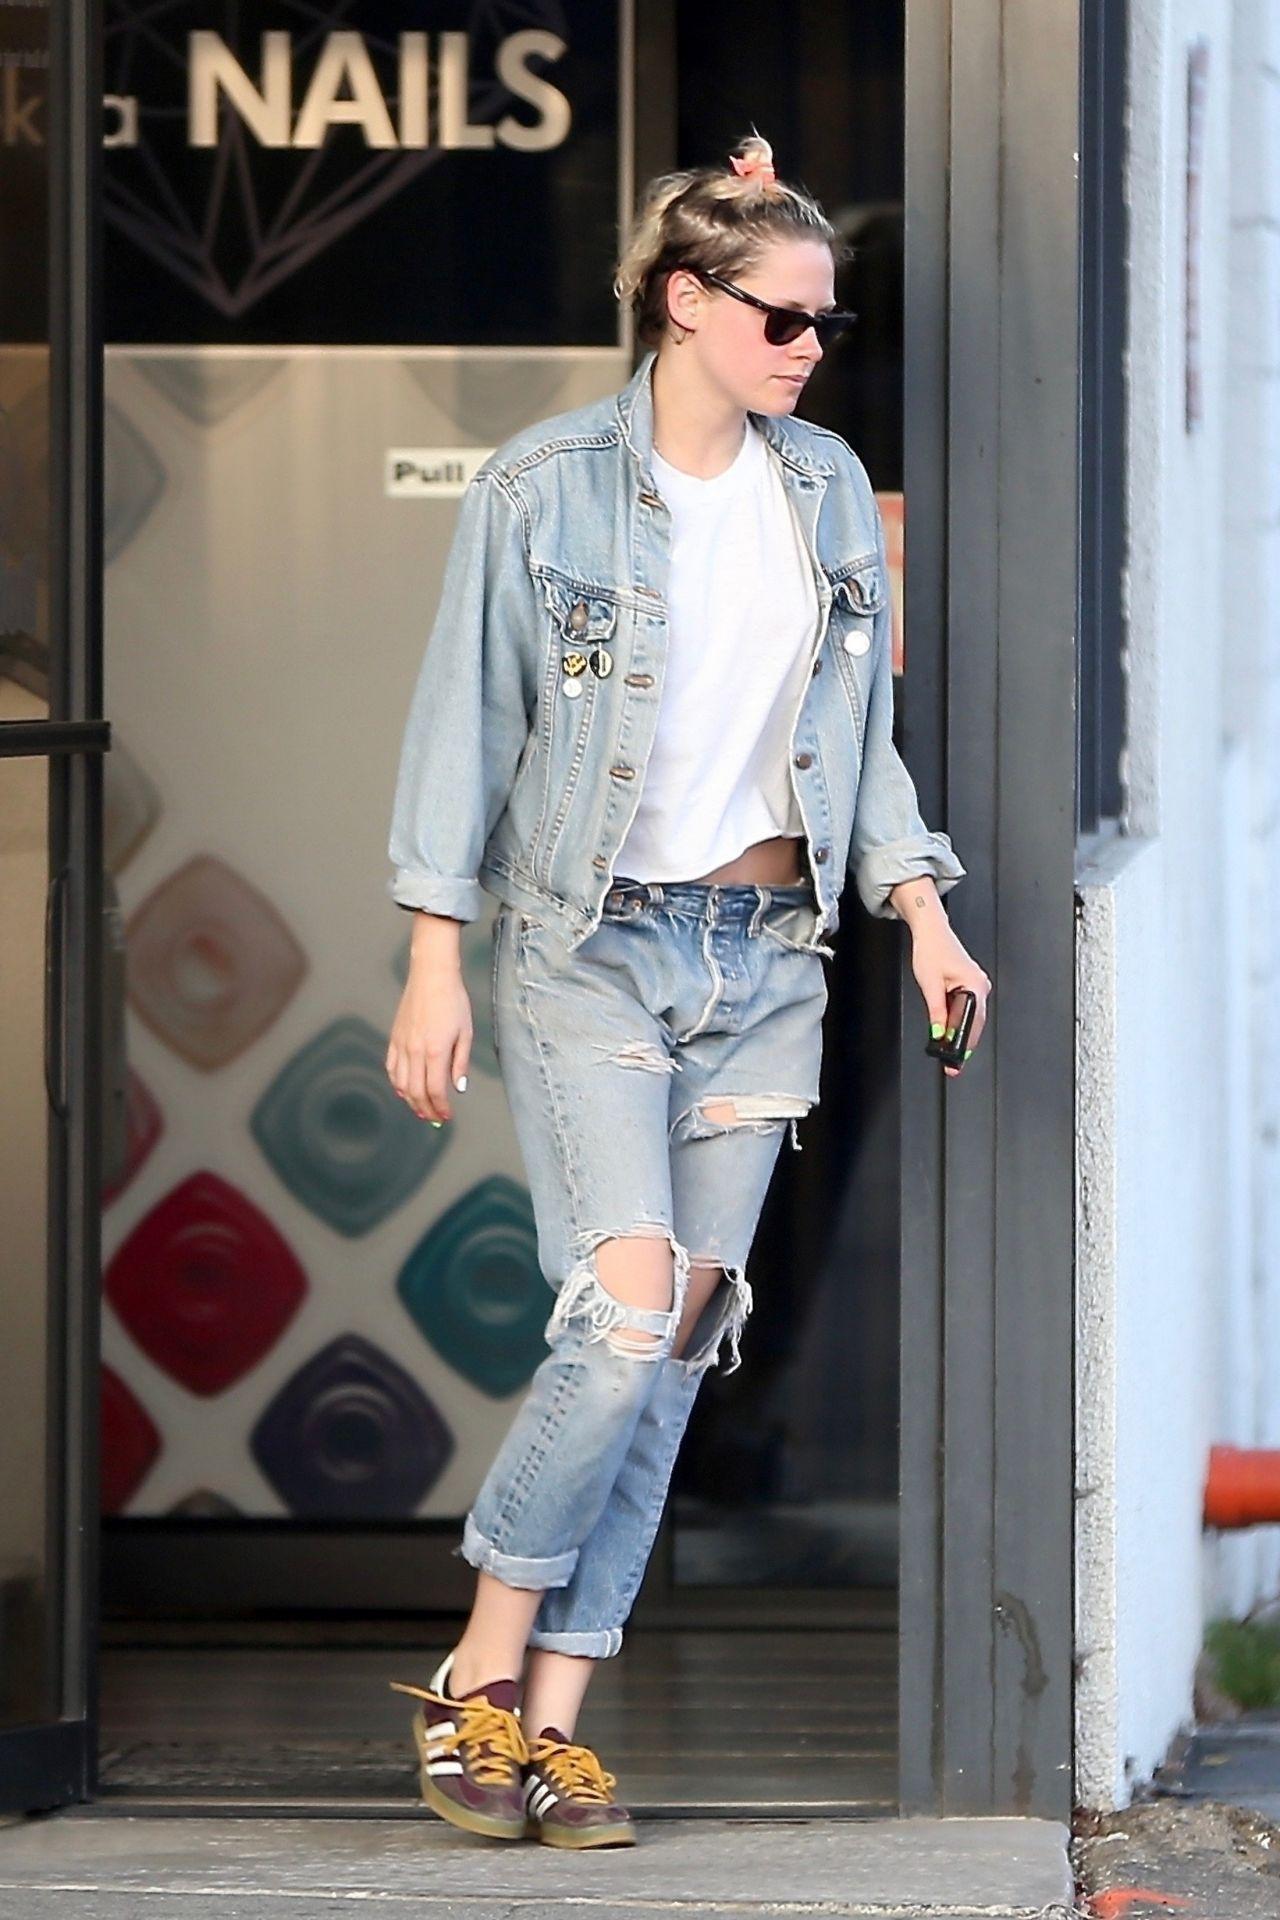 Kristen Stewart In Ripped Jeans Out In La 06 04 2019